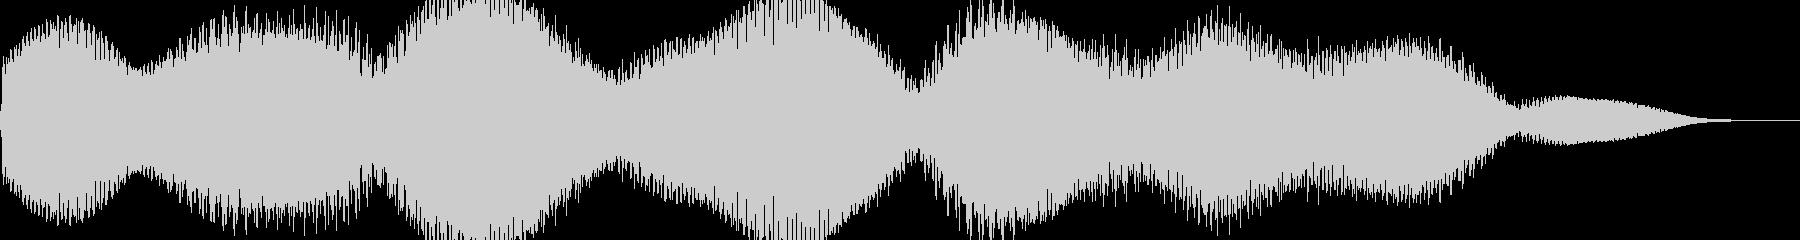 モワーンモワーンってやつですの未再生の波形